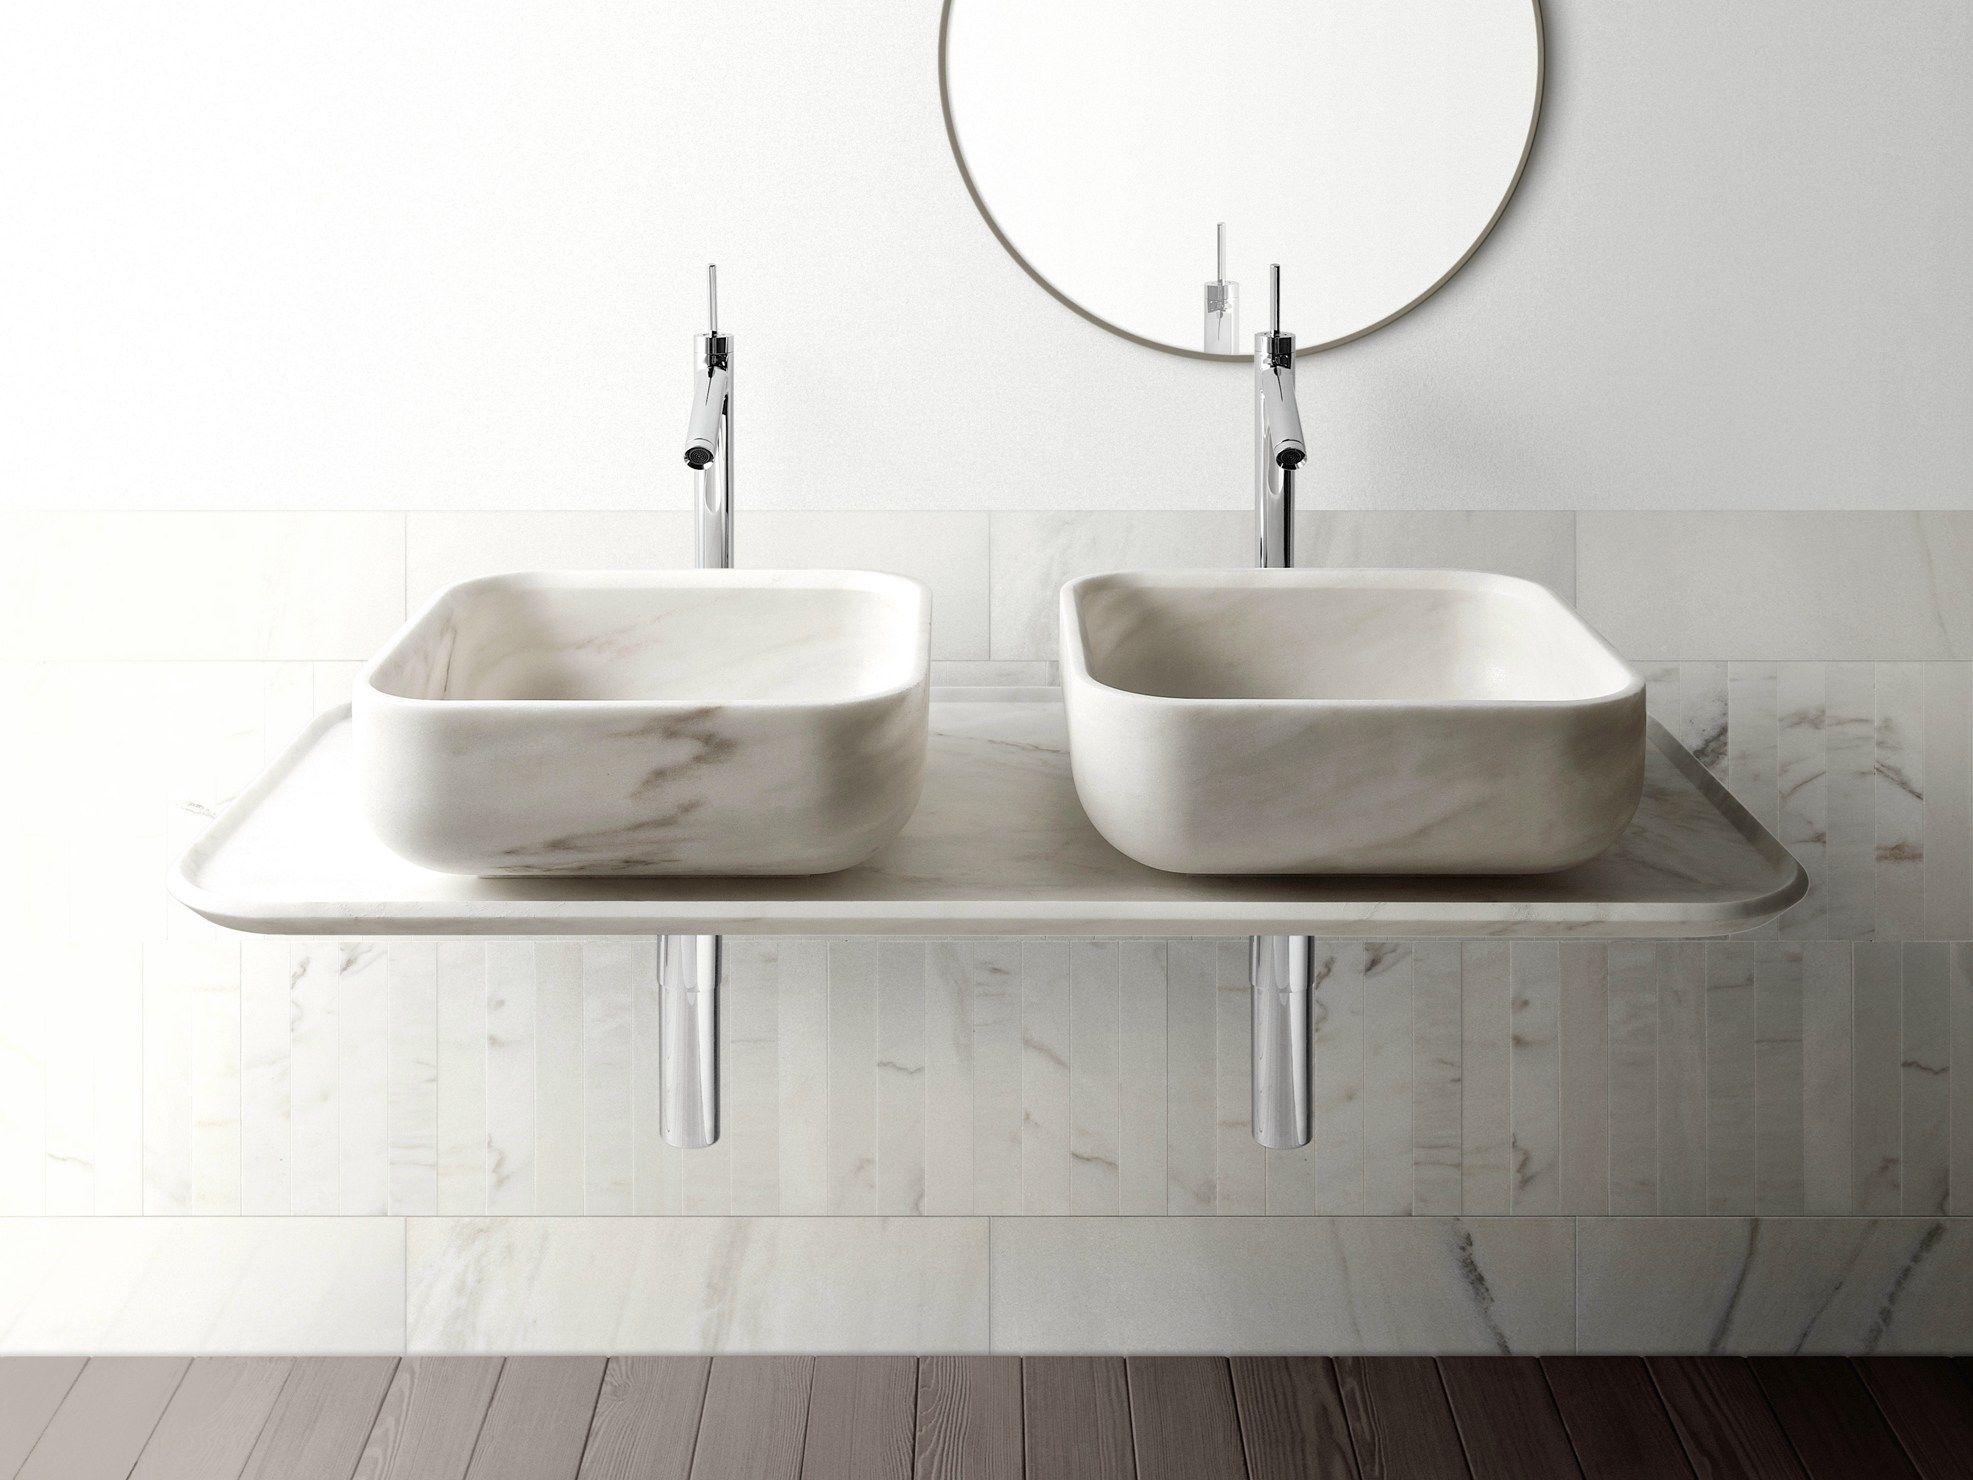 Lavabo sobre encimera cuadrado de m rmol bowl n 3 for Lavabos cuadrados sobre encimera